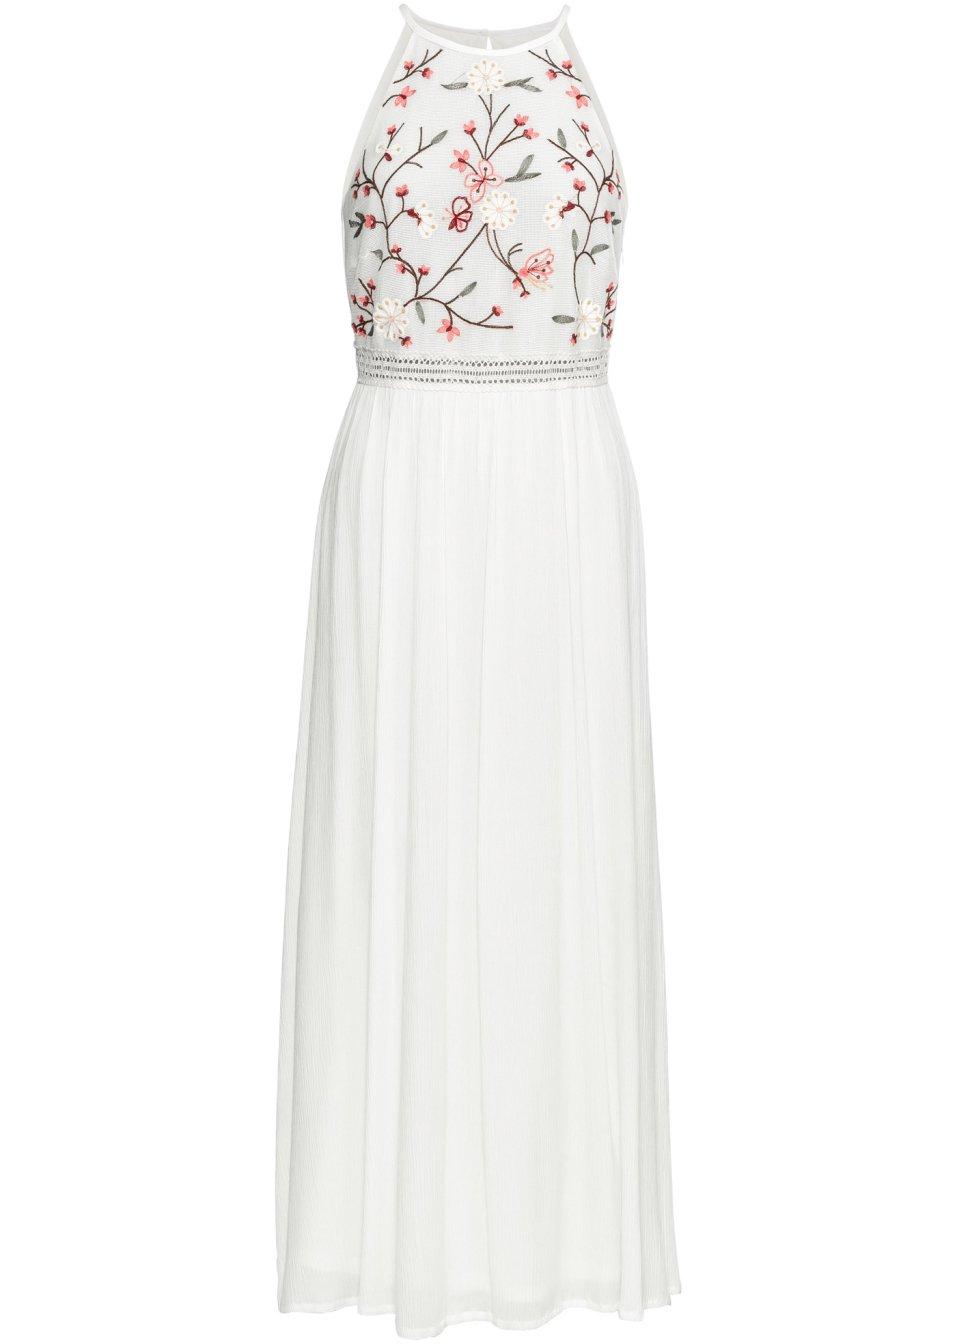 Attraktives Maxi-Kleid mit schmalen Trägern - wollweiß zwc54 wrUeW